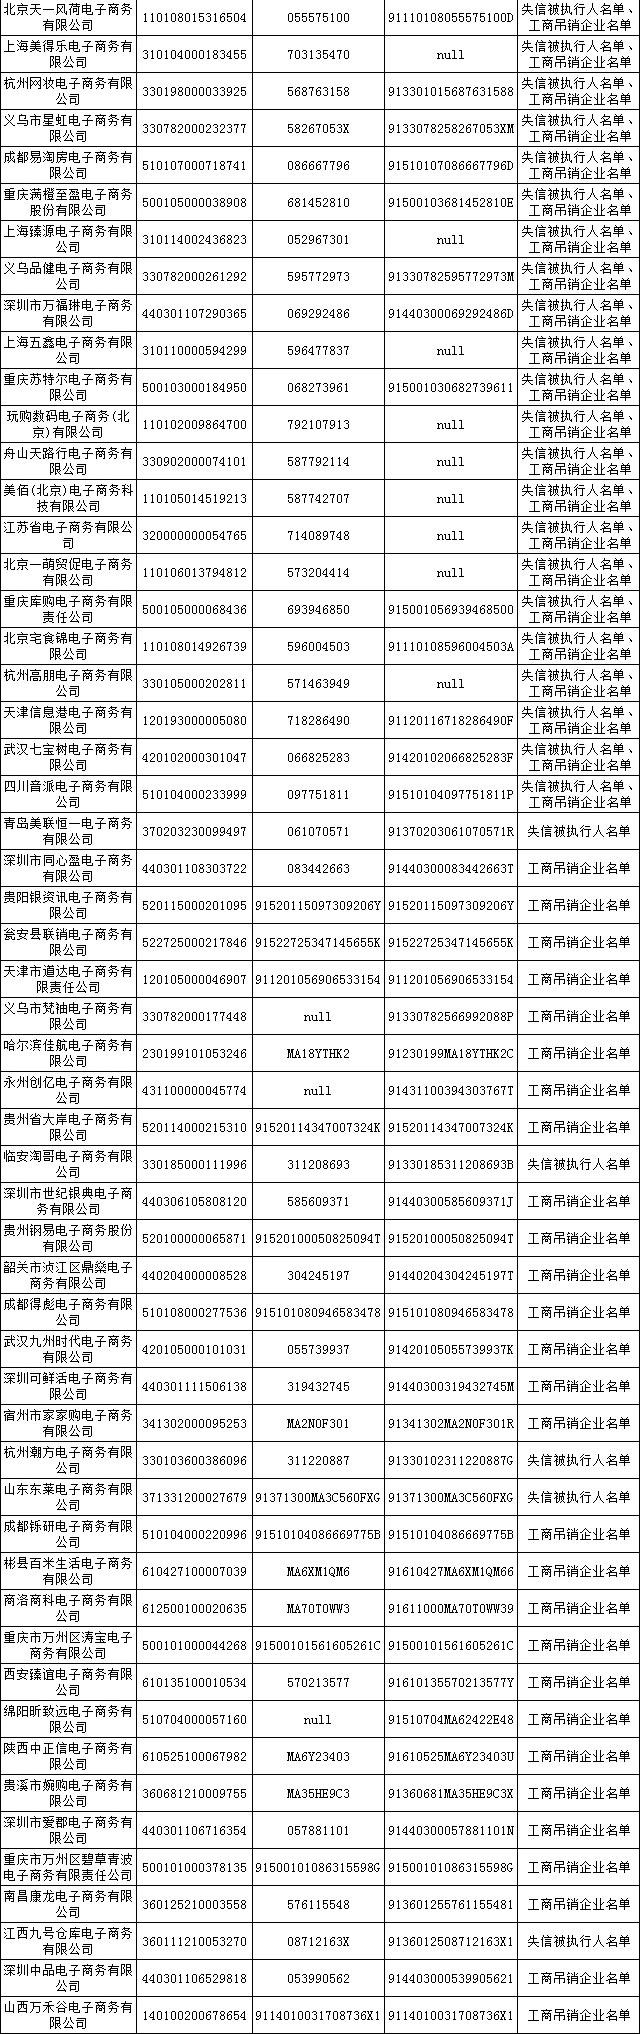 江西17家企业被列入首批500家失信电商黑名单